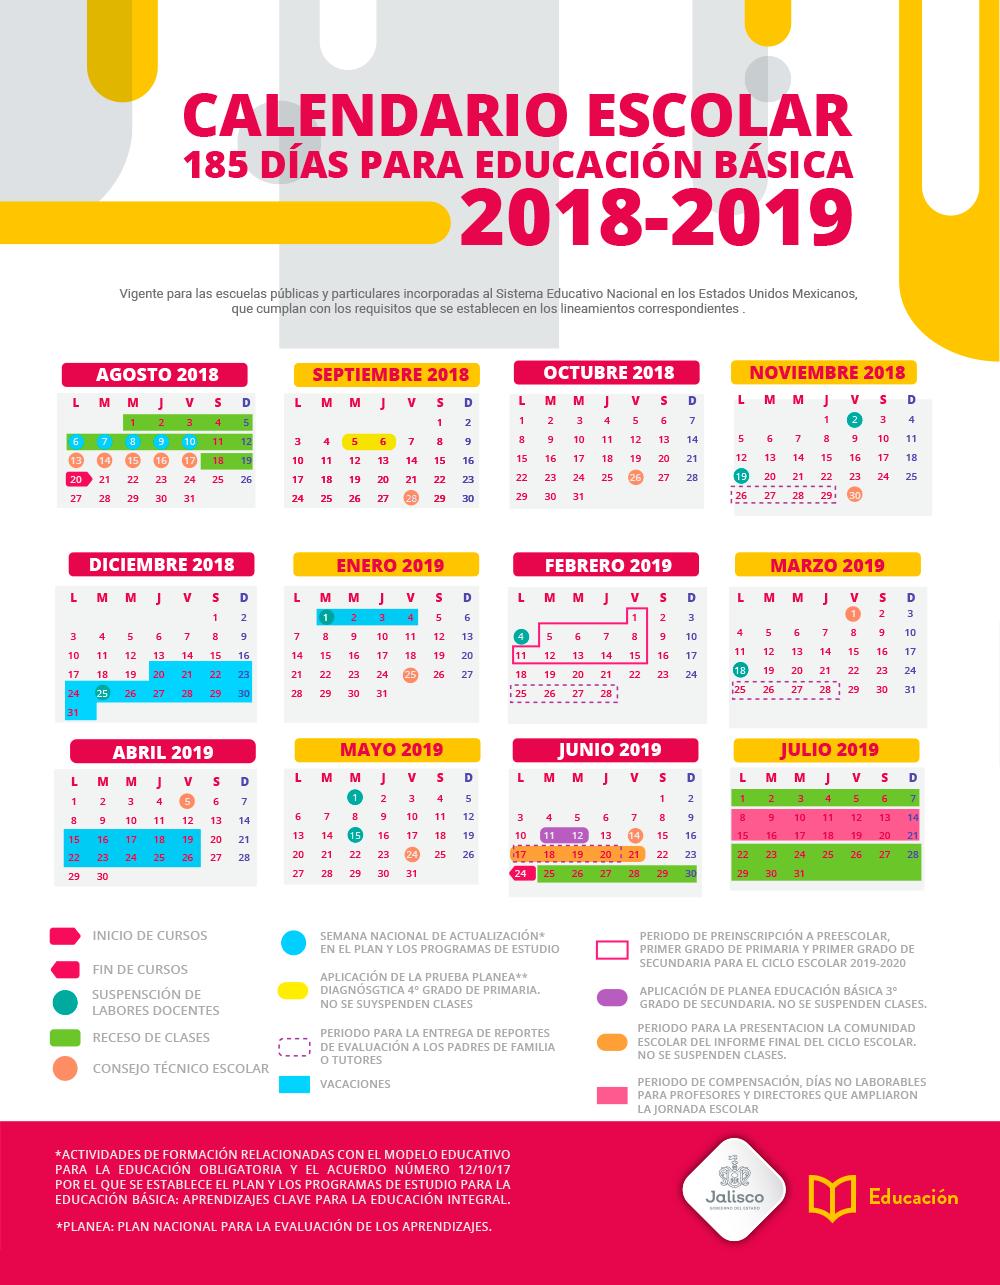 Calendario Escolar 2020 Sep Oficial.Calendario Escolar Portalsej